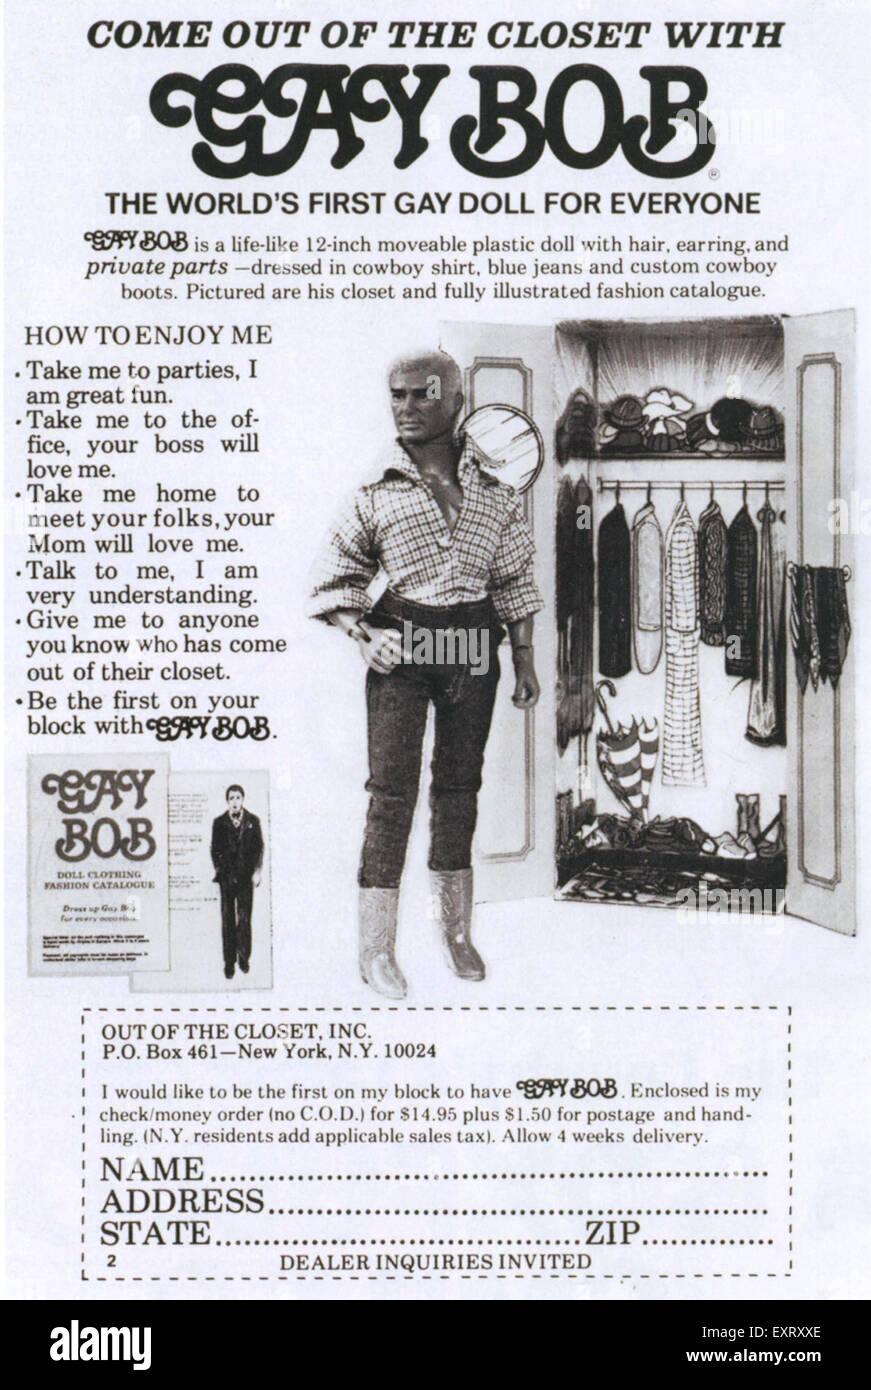 1970s USA Gay Bob Magazine Advert - Stock Image